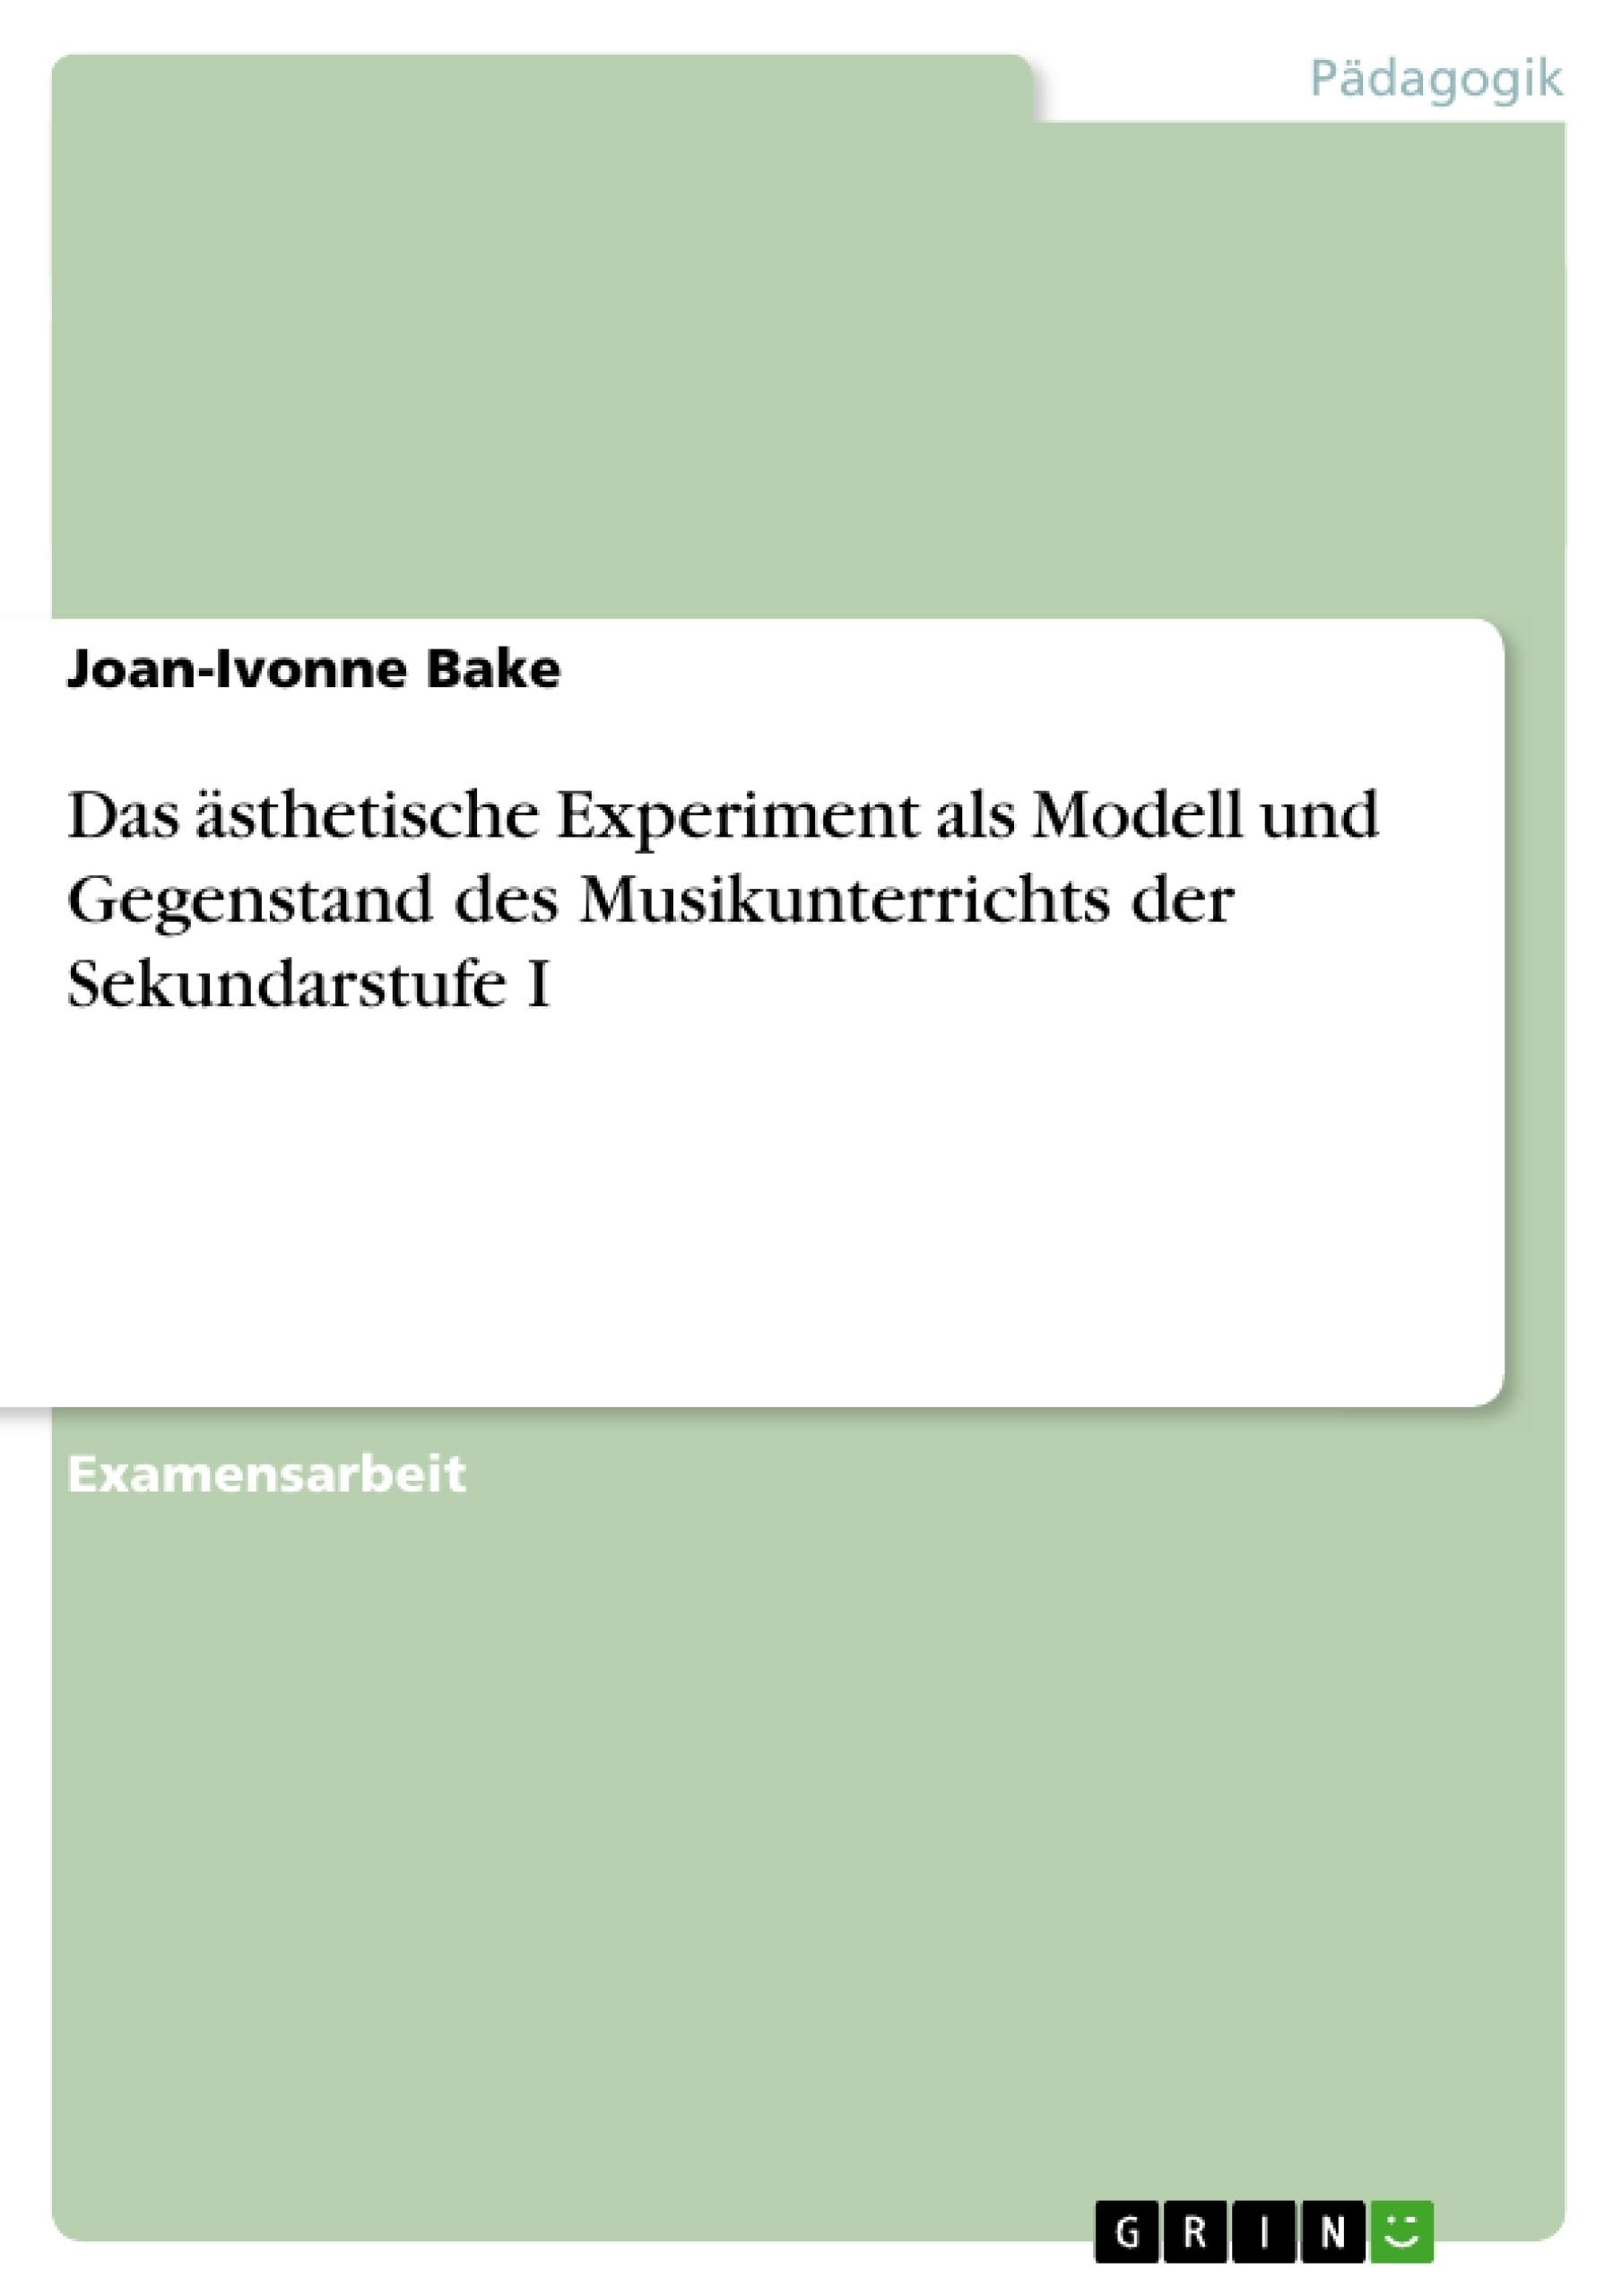 Titel: Das ästhetische Experiment als Modell und Gegenstand des Musikunterrichts der Sekundarstufe I